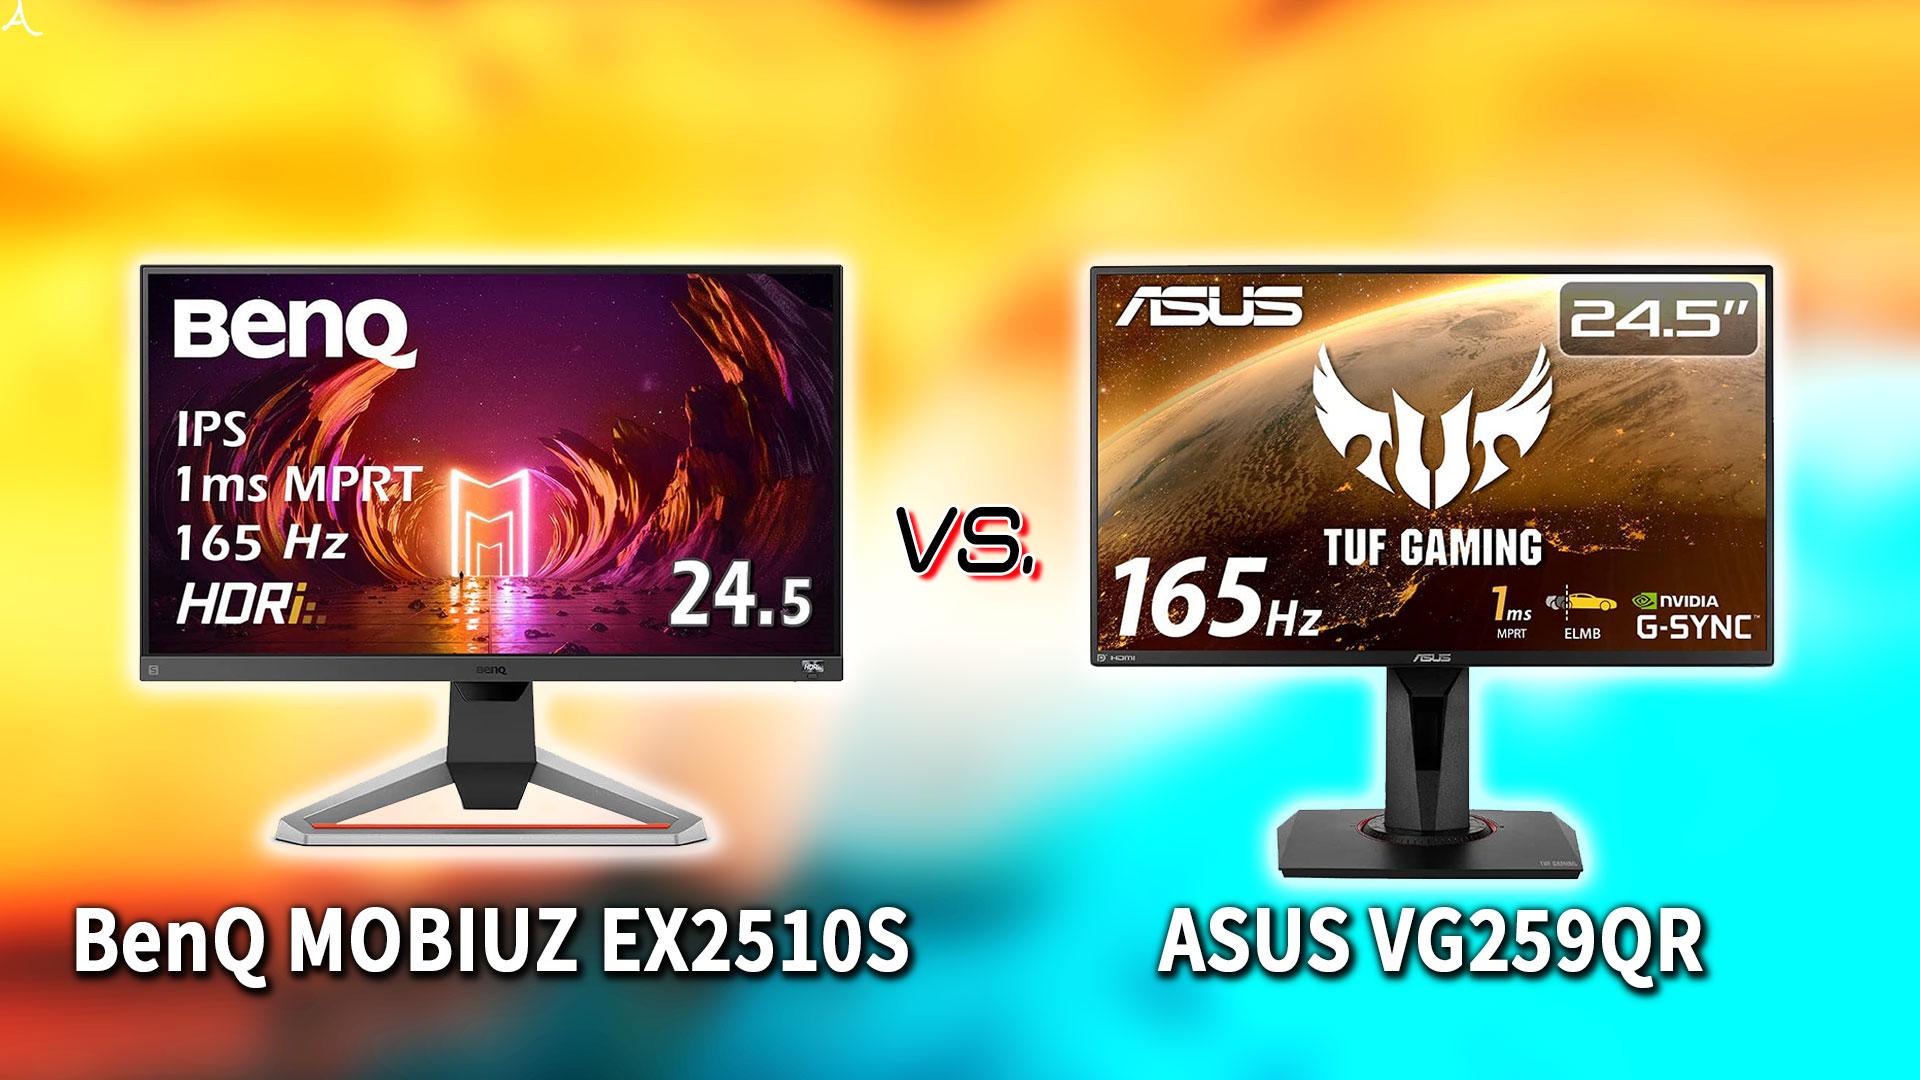 「BenQ MOBIUZ EX2510S」と「ASUS VG259QR」の違いを比較:どっちを買う?